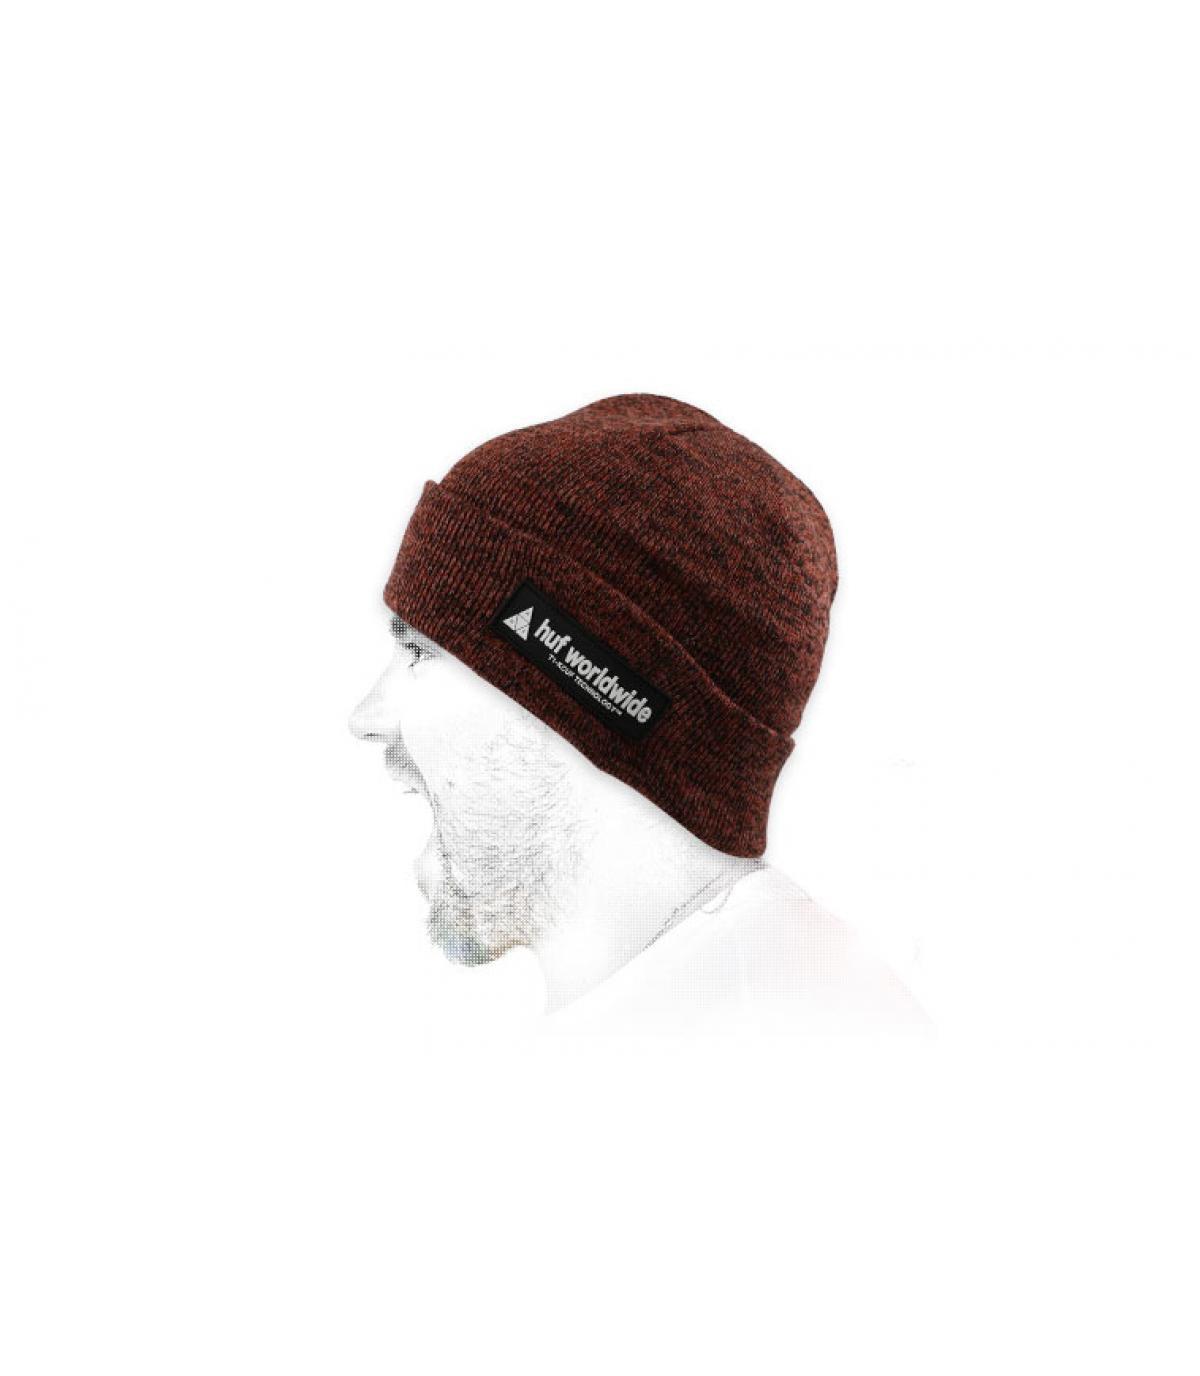 Mütze Rand bordeaux Huf